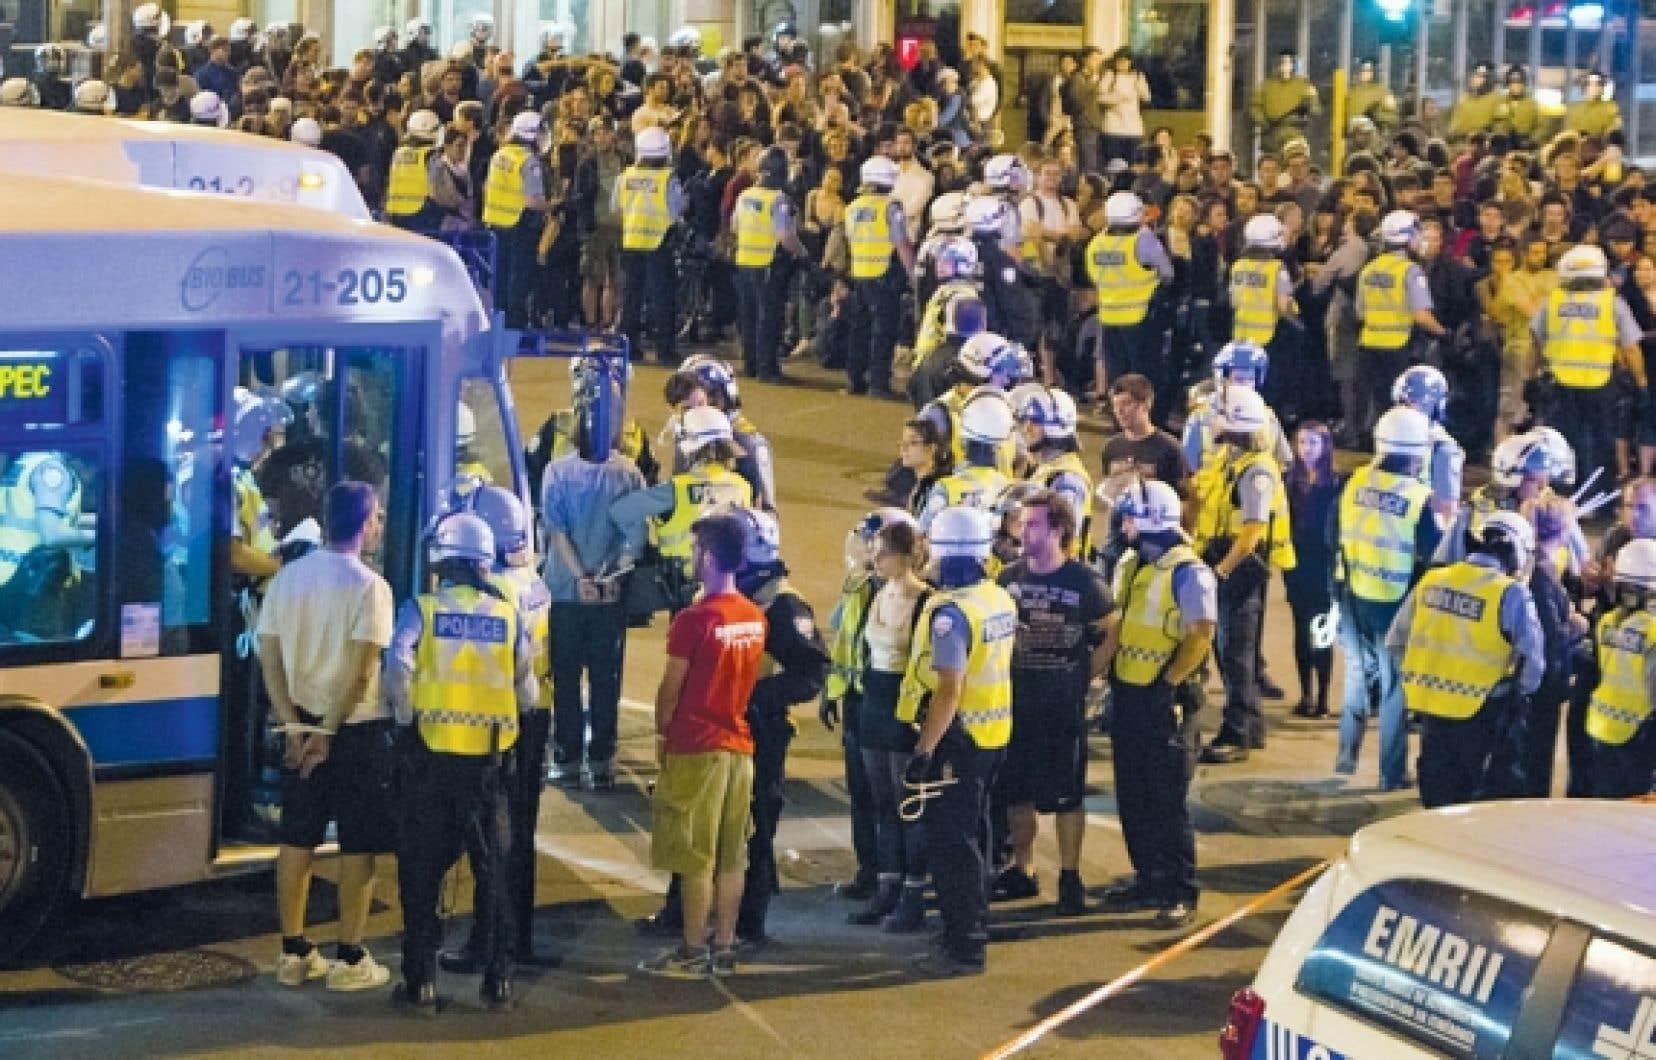 Les policiers du SPVM ont encerclé près de 500 personnes à l'angle des rues Sherbrooke et Saint-Denis, le 23 mai dernier, lors de la 30e manifestation nocturne du printemps à se dérouler à Montréal. Ils les ont ensuite arrêtées et détenues dans des autobus.